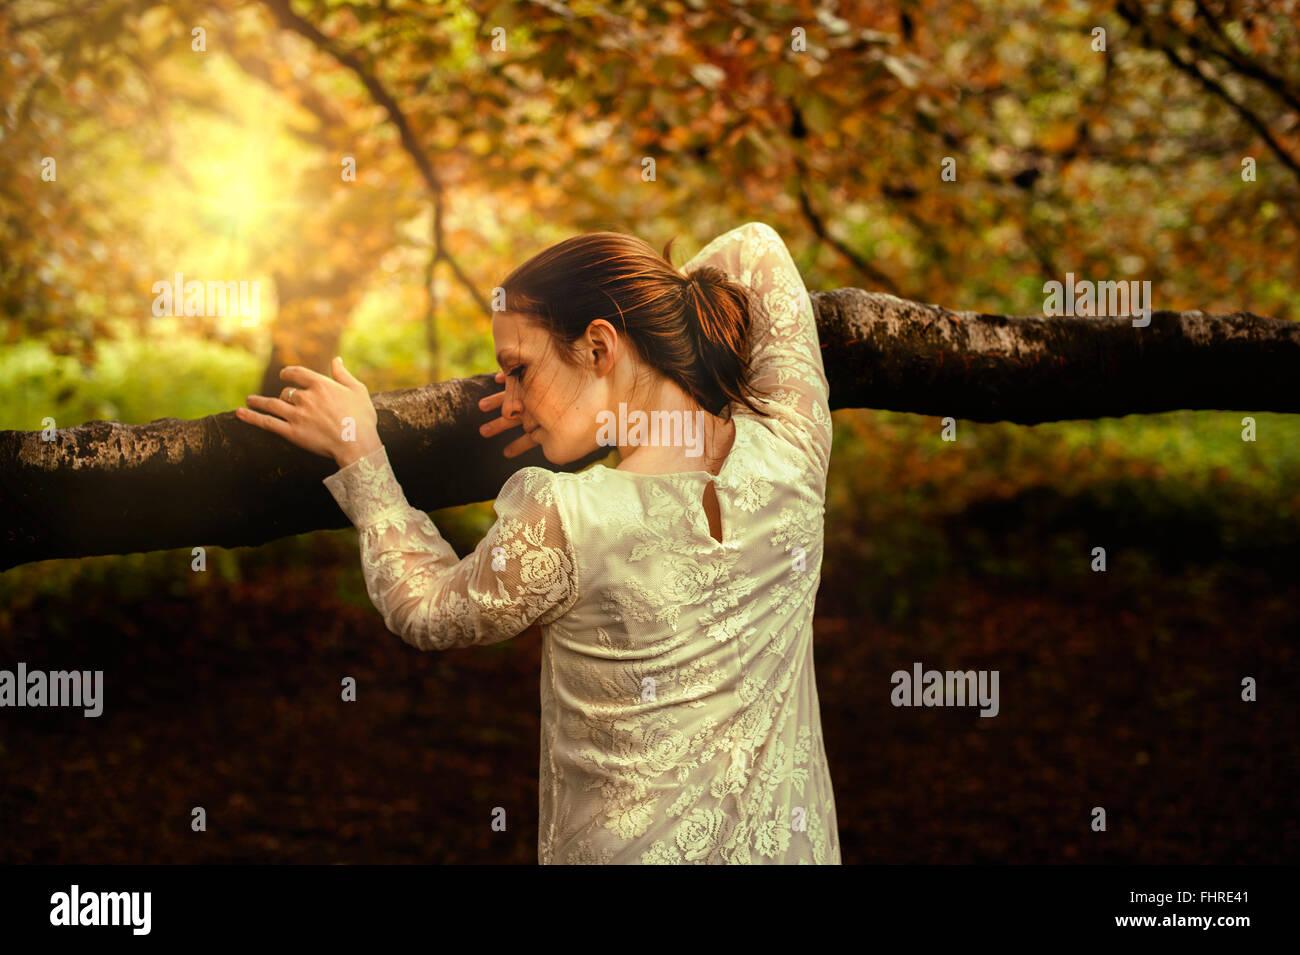 Giovane donna in park appoggiata sul ramo di albero Immagini Stock